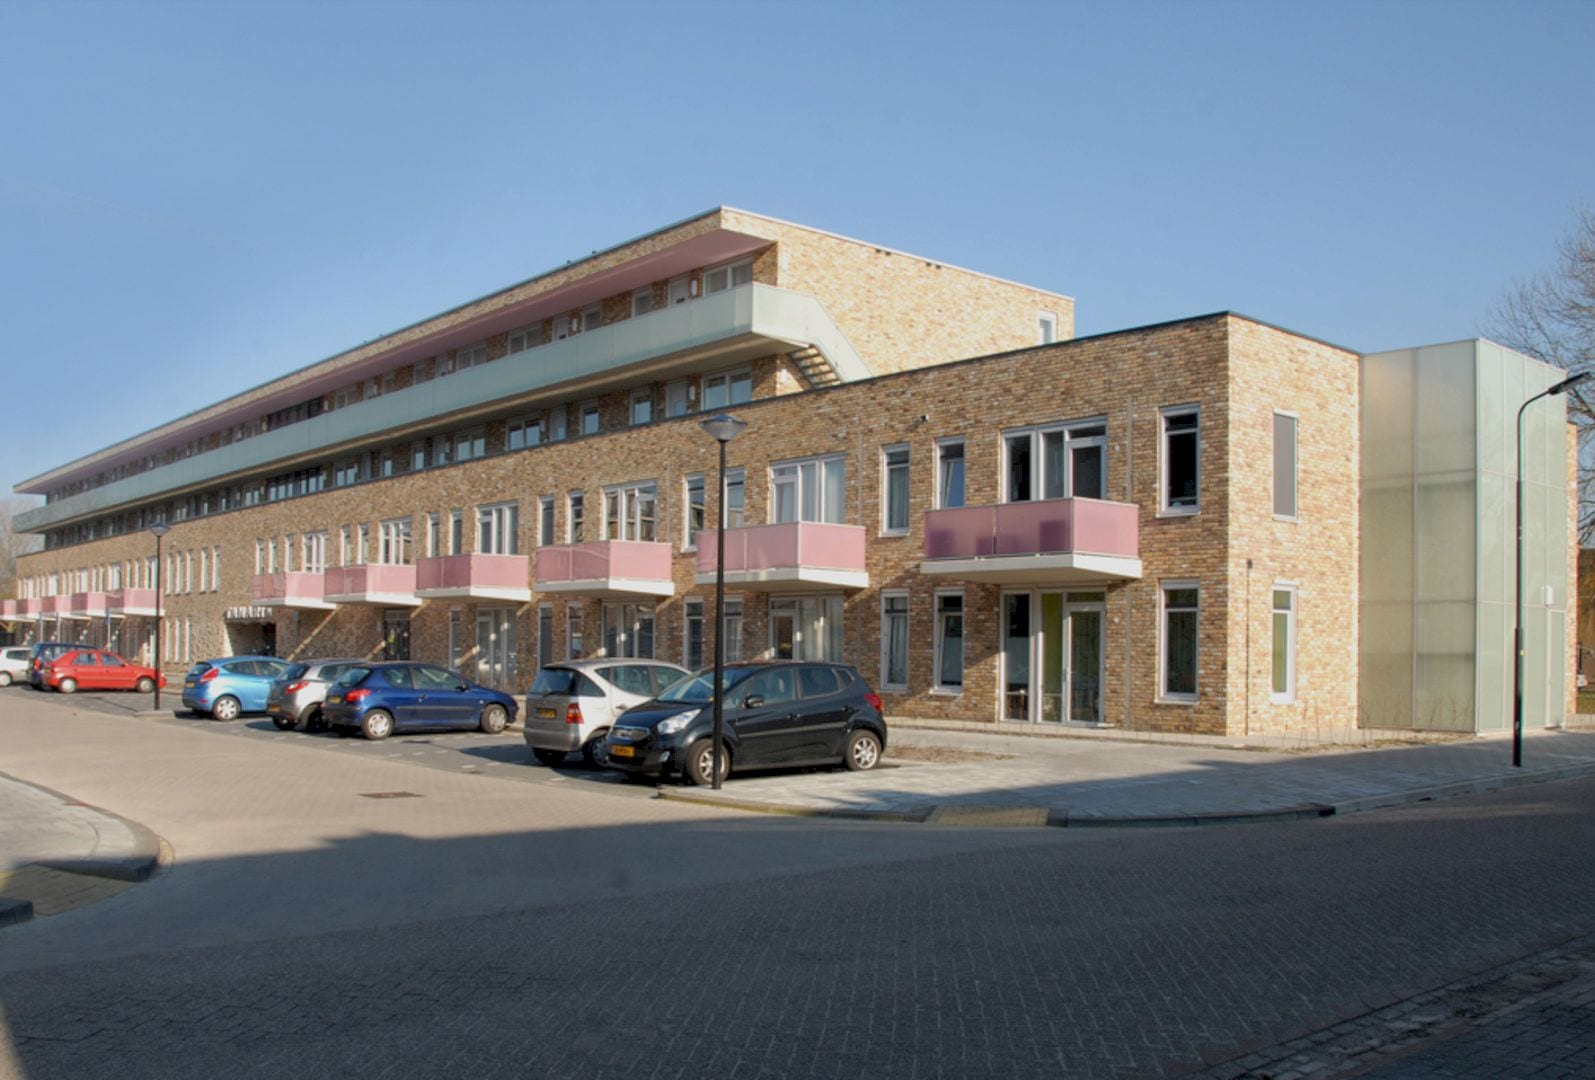 Apartments Tamarixplantsoen Heerhugowaard By Jeanne Dekkers Architectuur 8